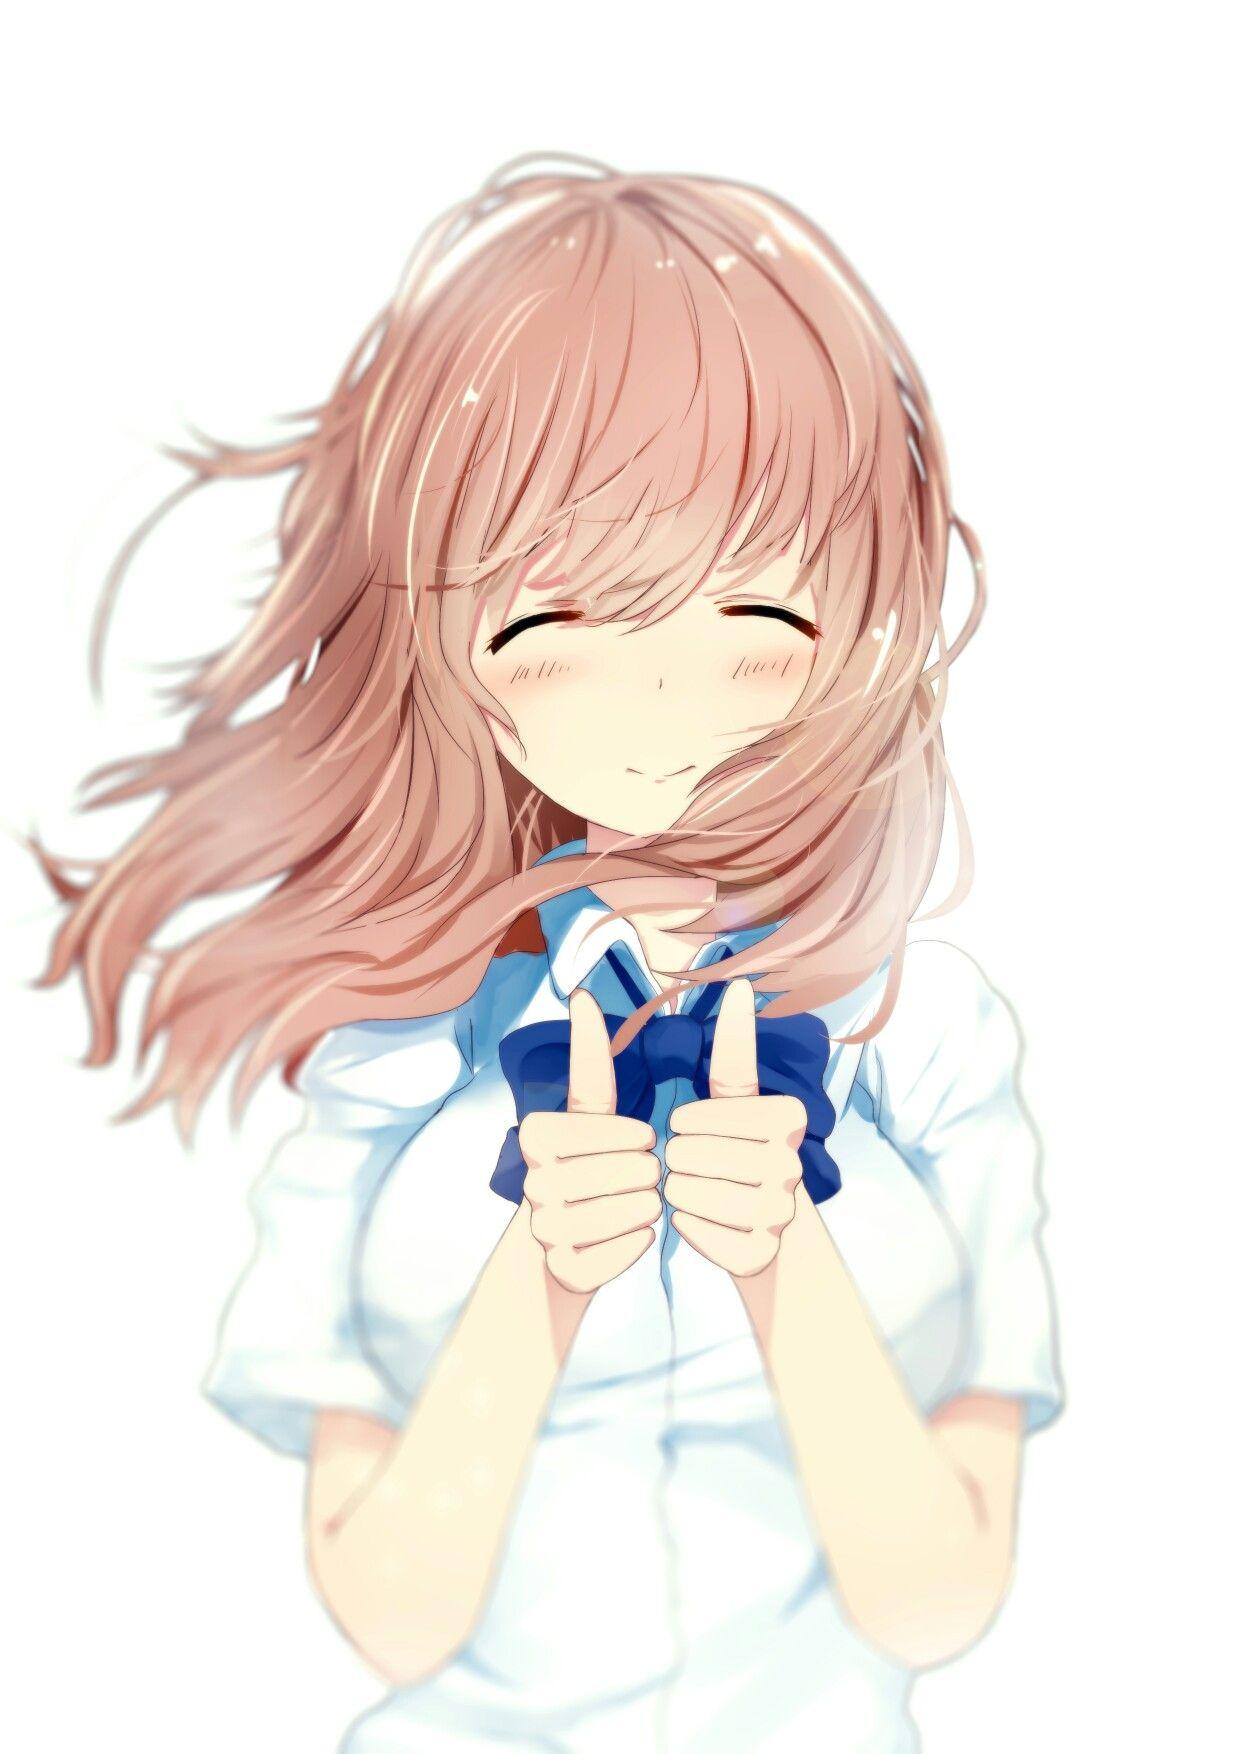 Nishimiya Shouko (Koe no Katachi) Anime, Dễ thương, Hình